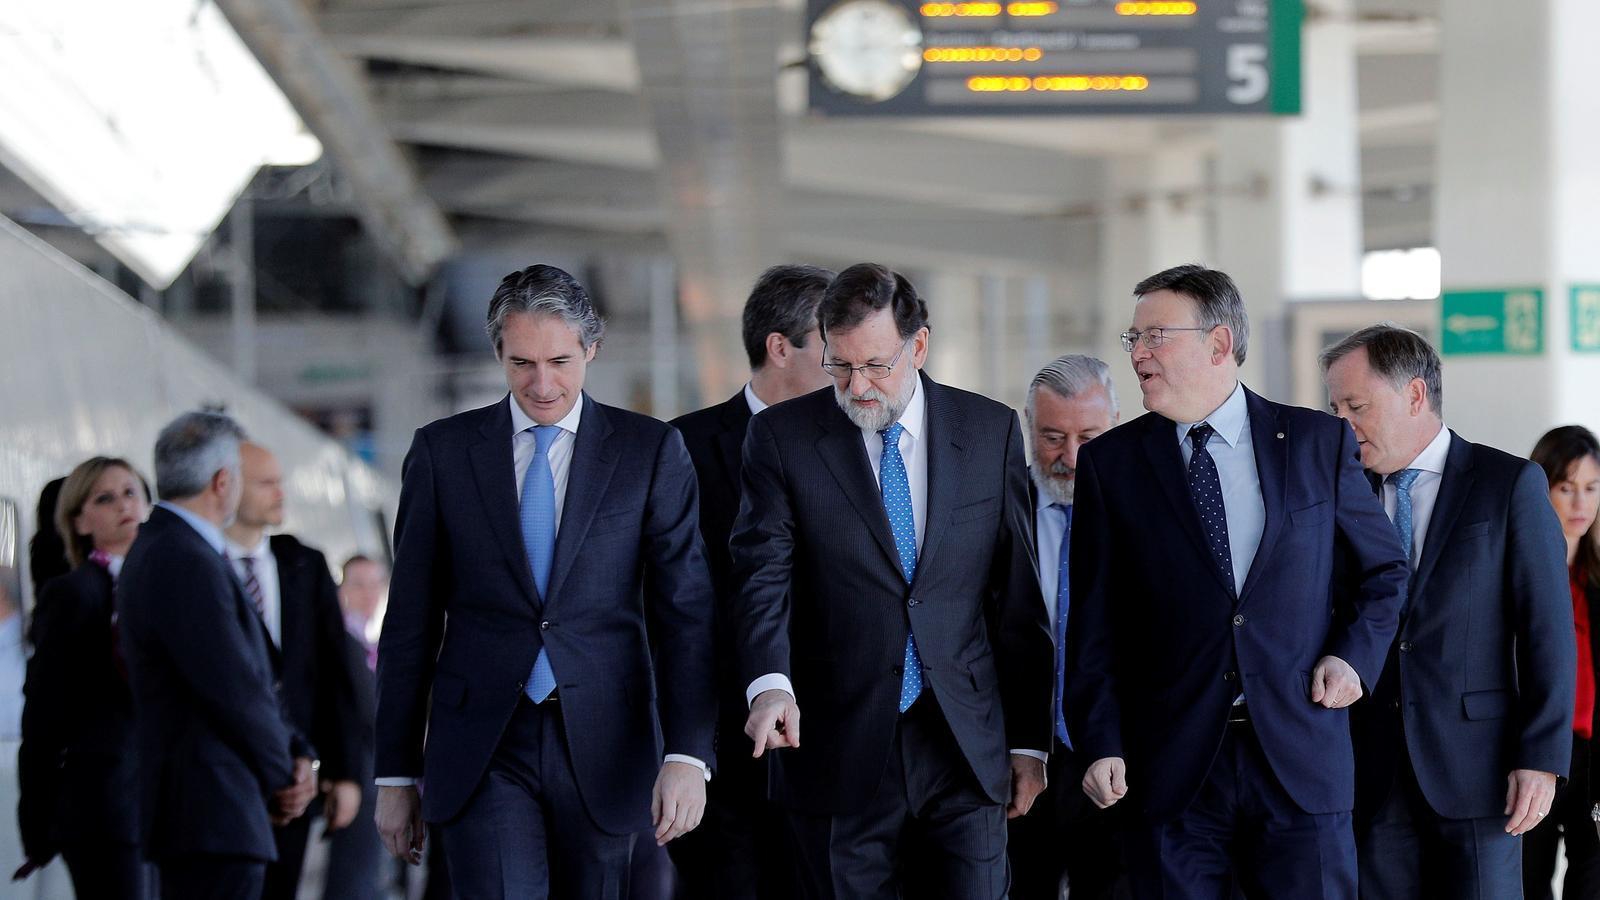 El president espanyol, Mariano Rajoy, i cap del Consell, Ximo Puig.